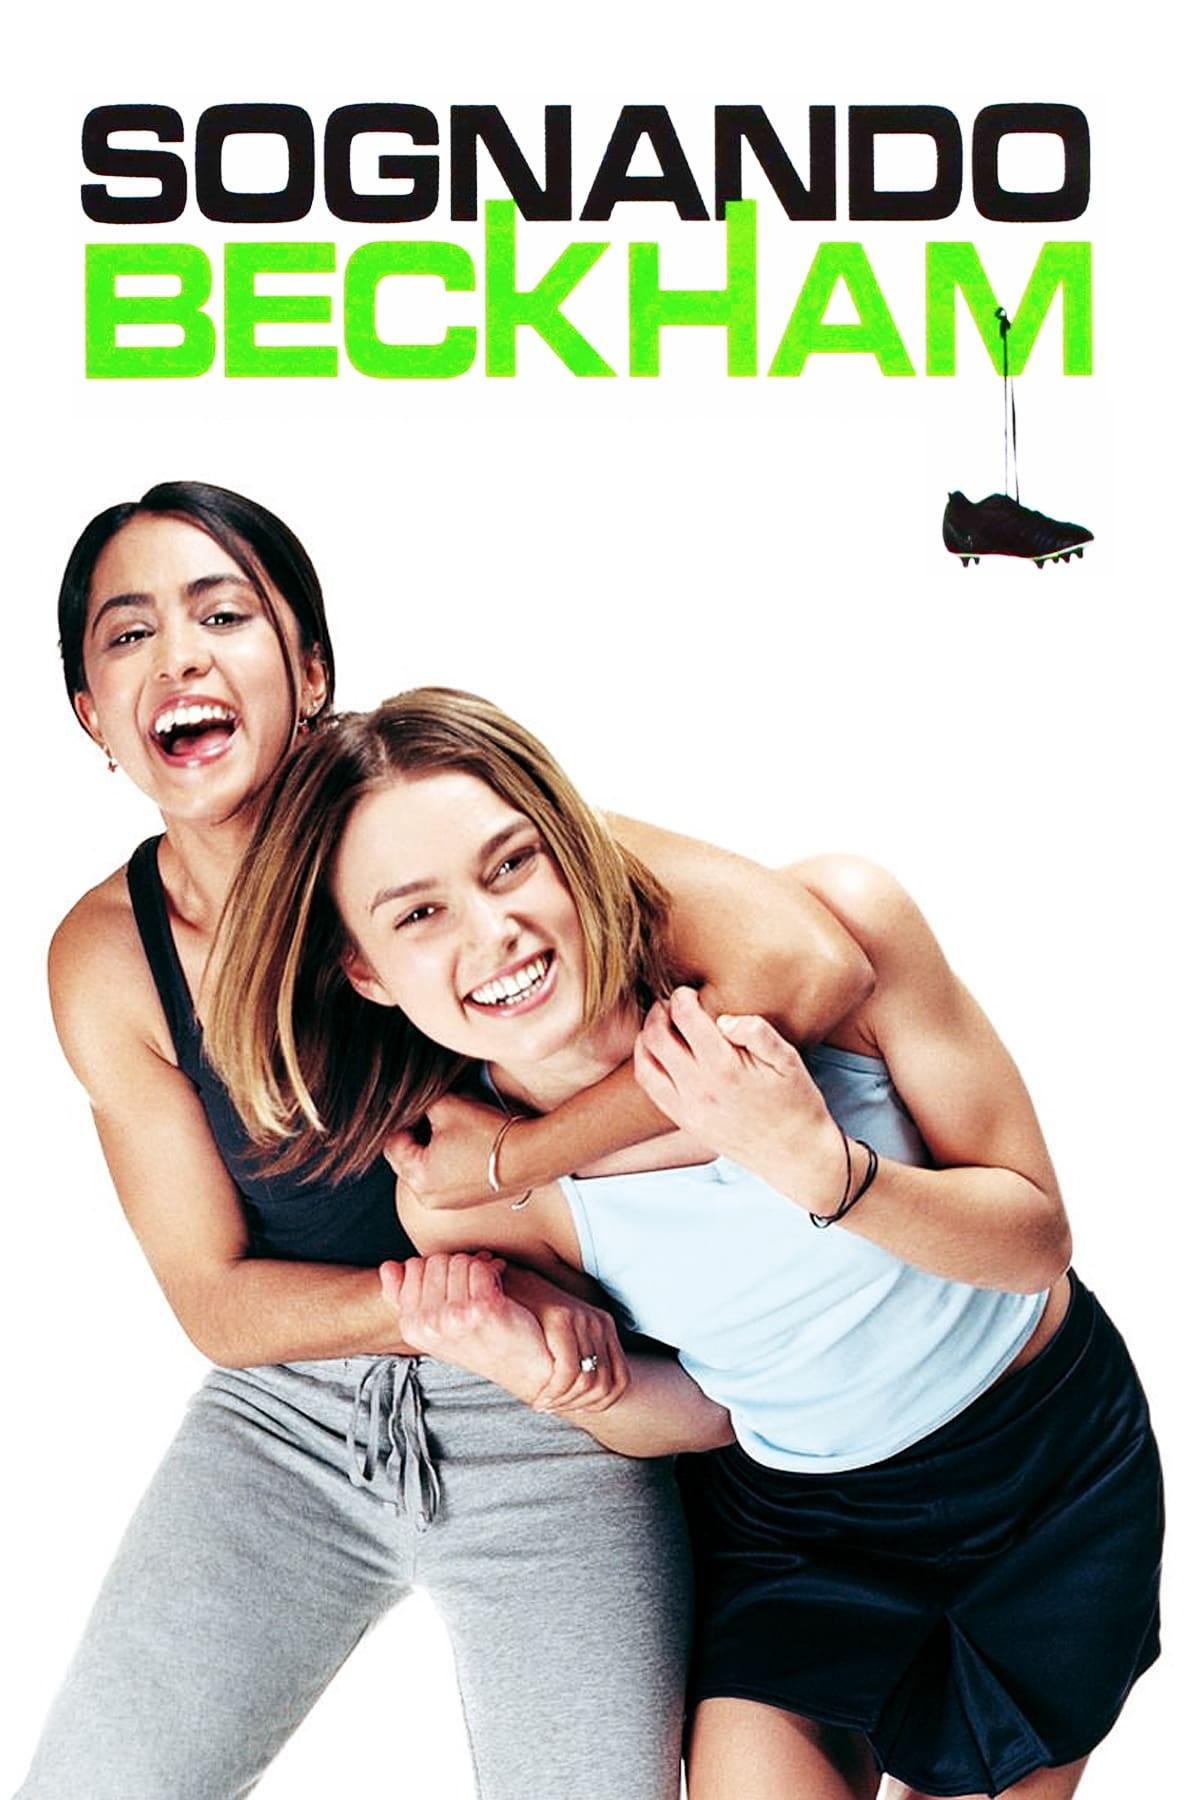 Sognando Beckham Film Completo Streaming Ita Vedere Guardare